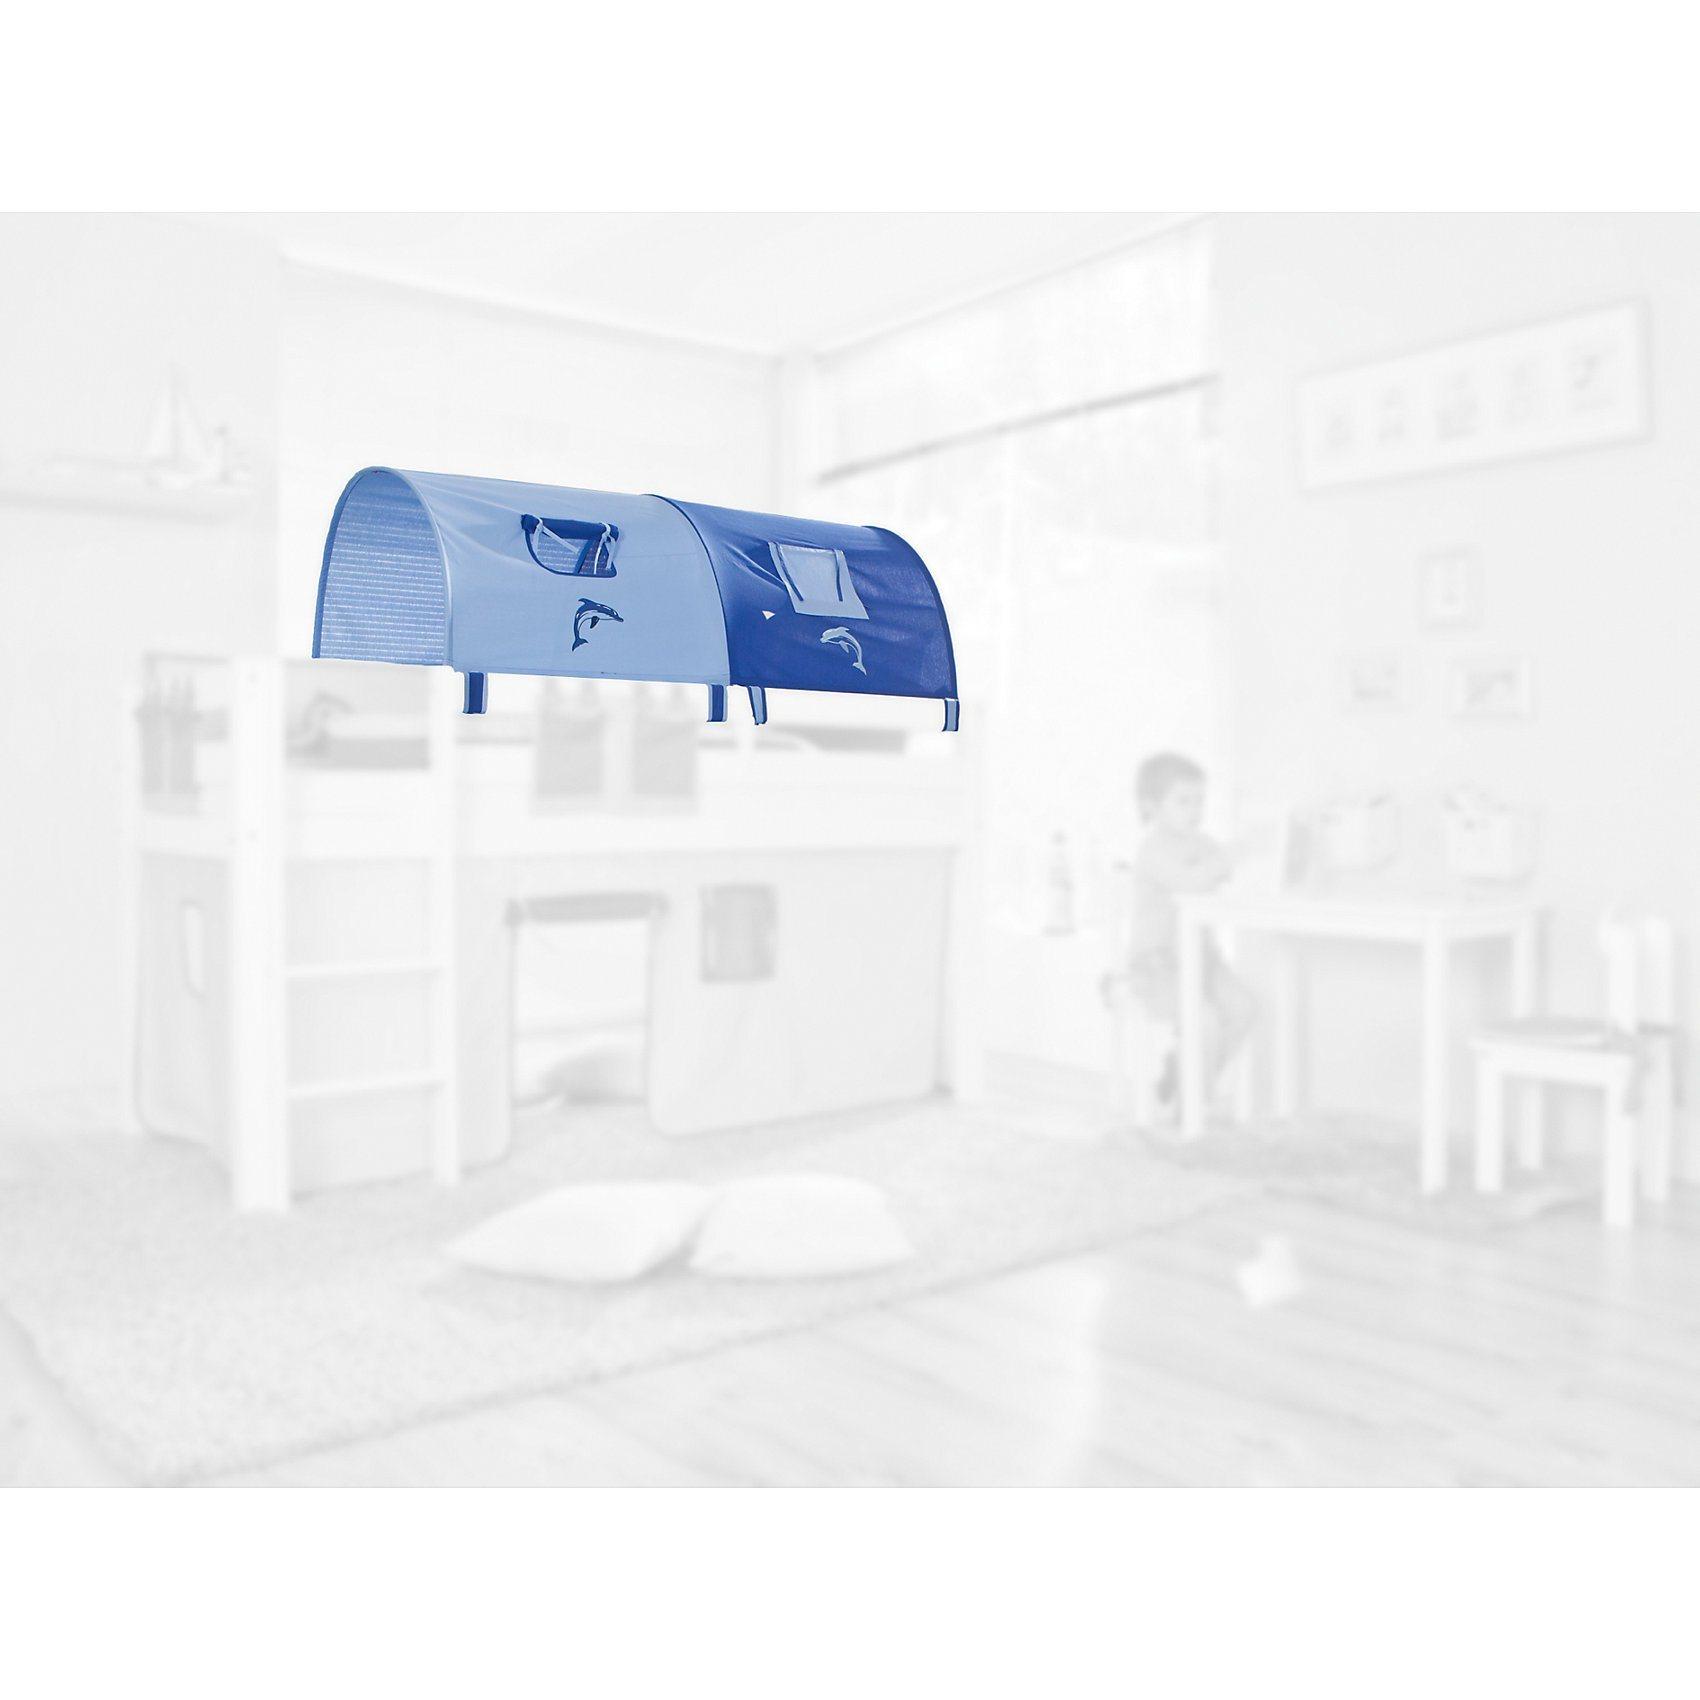 Relita 2er Tunnel für Hoch-und Etagenbetten, Delphin, blau/hellblau | Kinderzimmer > Kinderbetten > Etagenbetten | Baumwolle | Relita